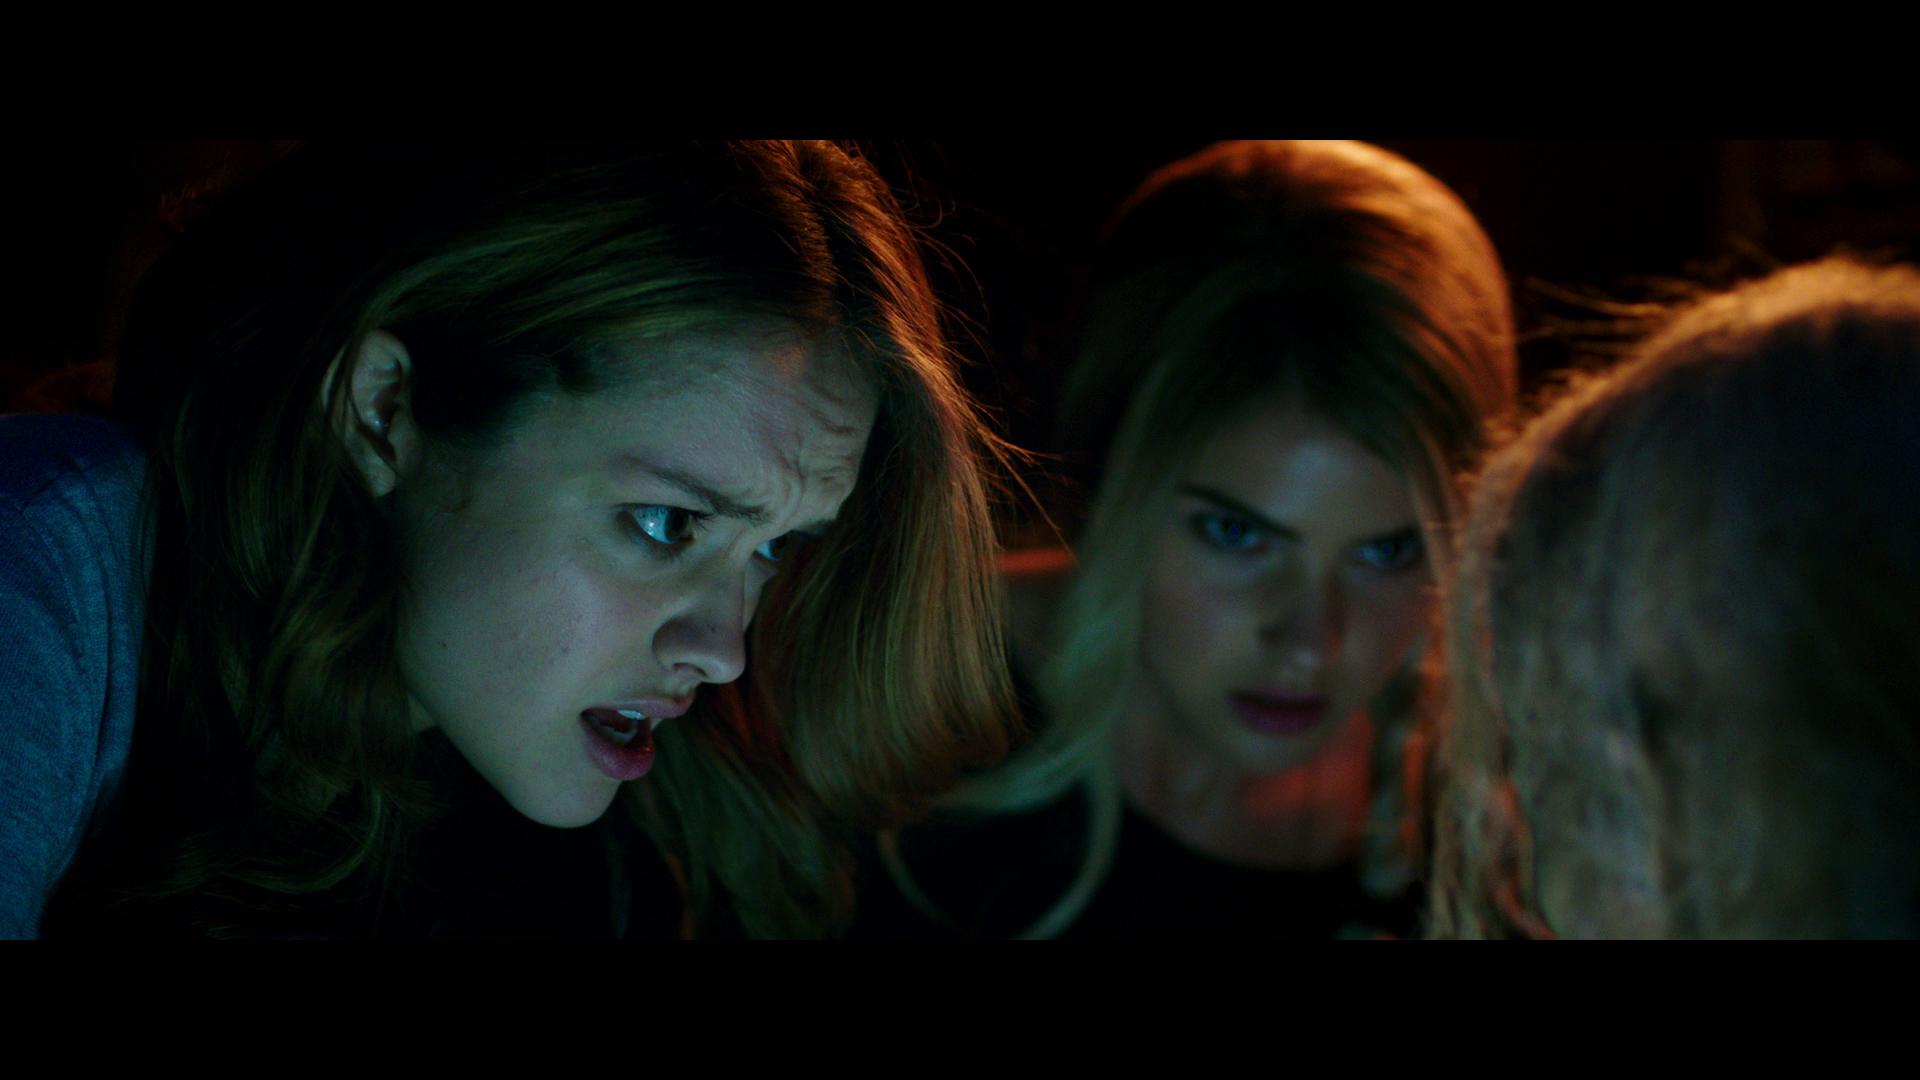 Шкатулка проклятия смотреть онлайн в хорошем качестве, Шкатулка проклятия фильм смотреть онлайн 26 фотография